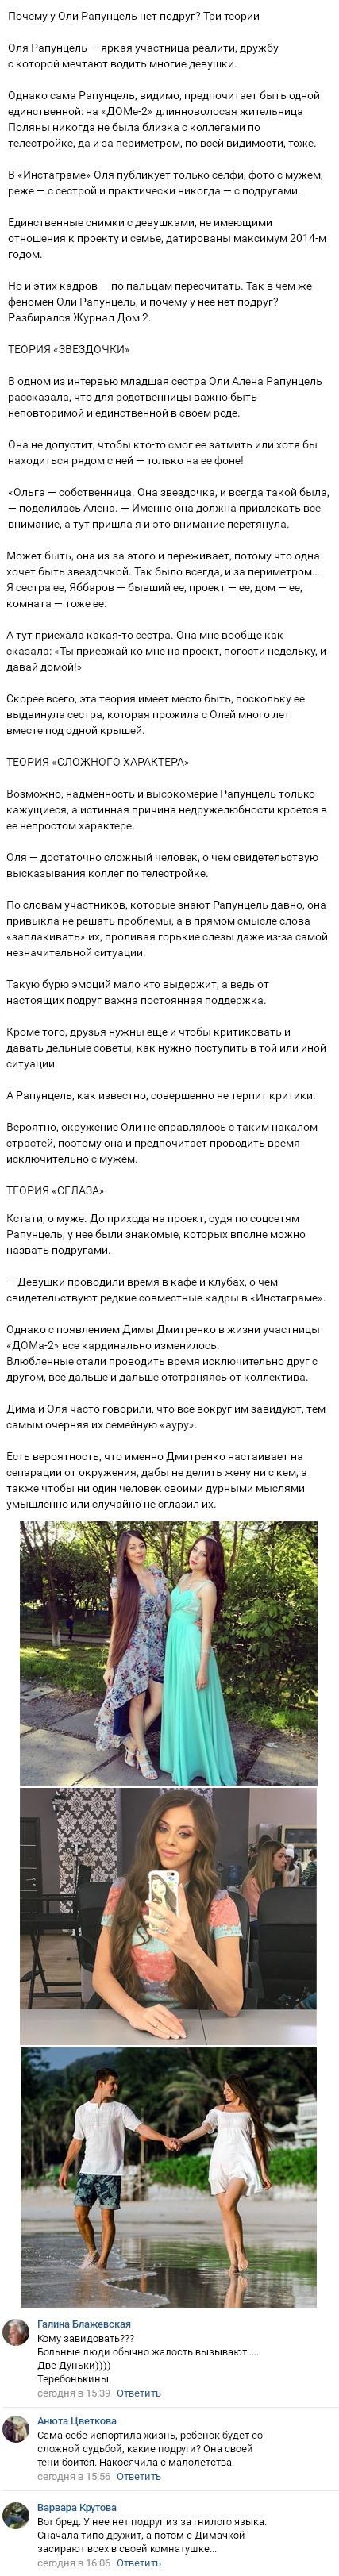 Ольга Рапунцель не имеет ни одной настоящей подруги